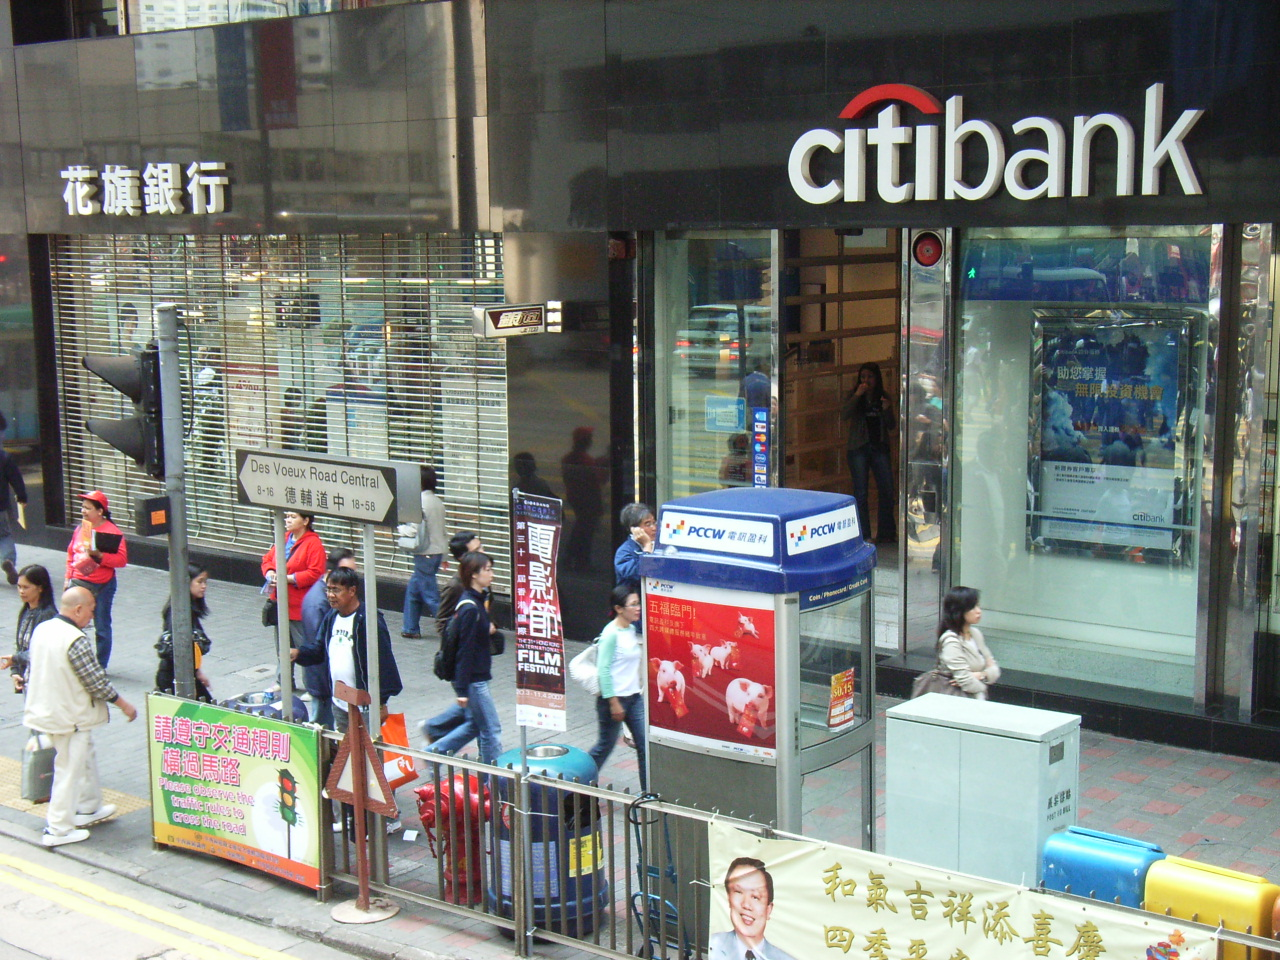 投資 外資 銀行 系